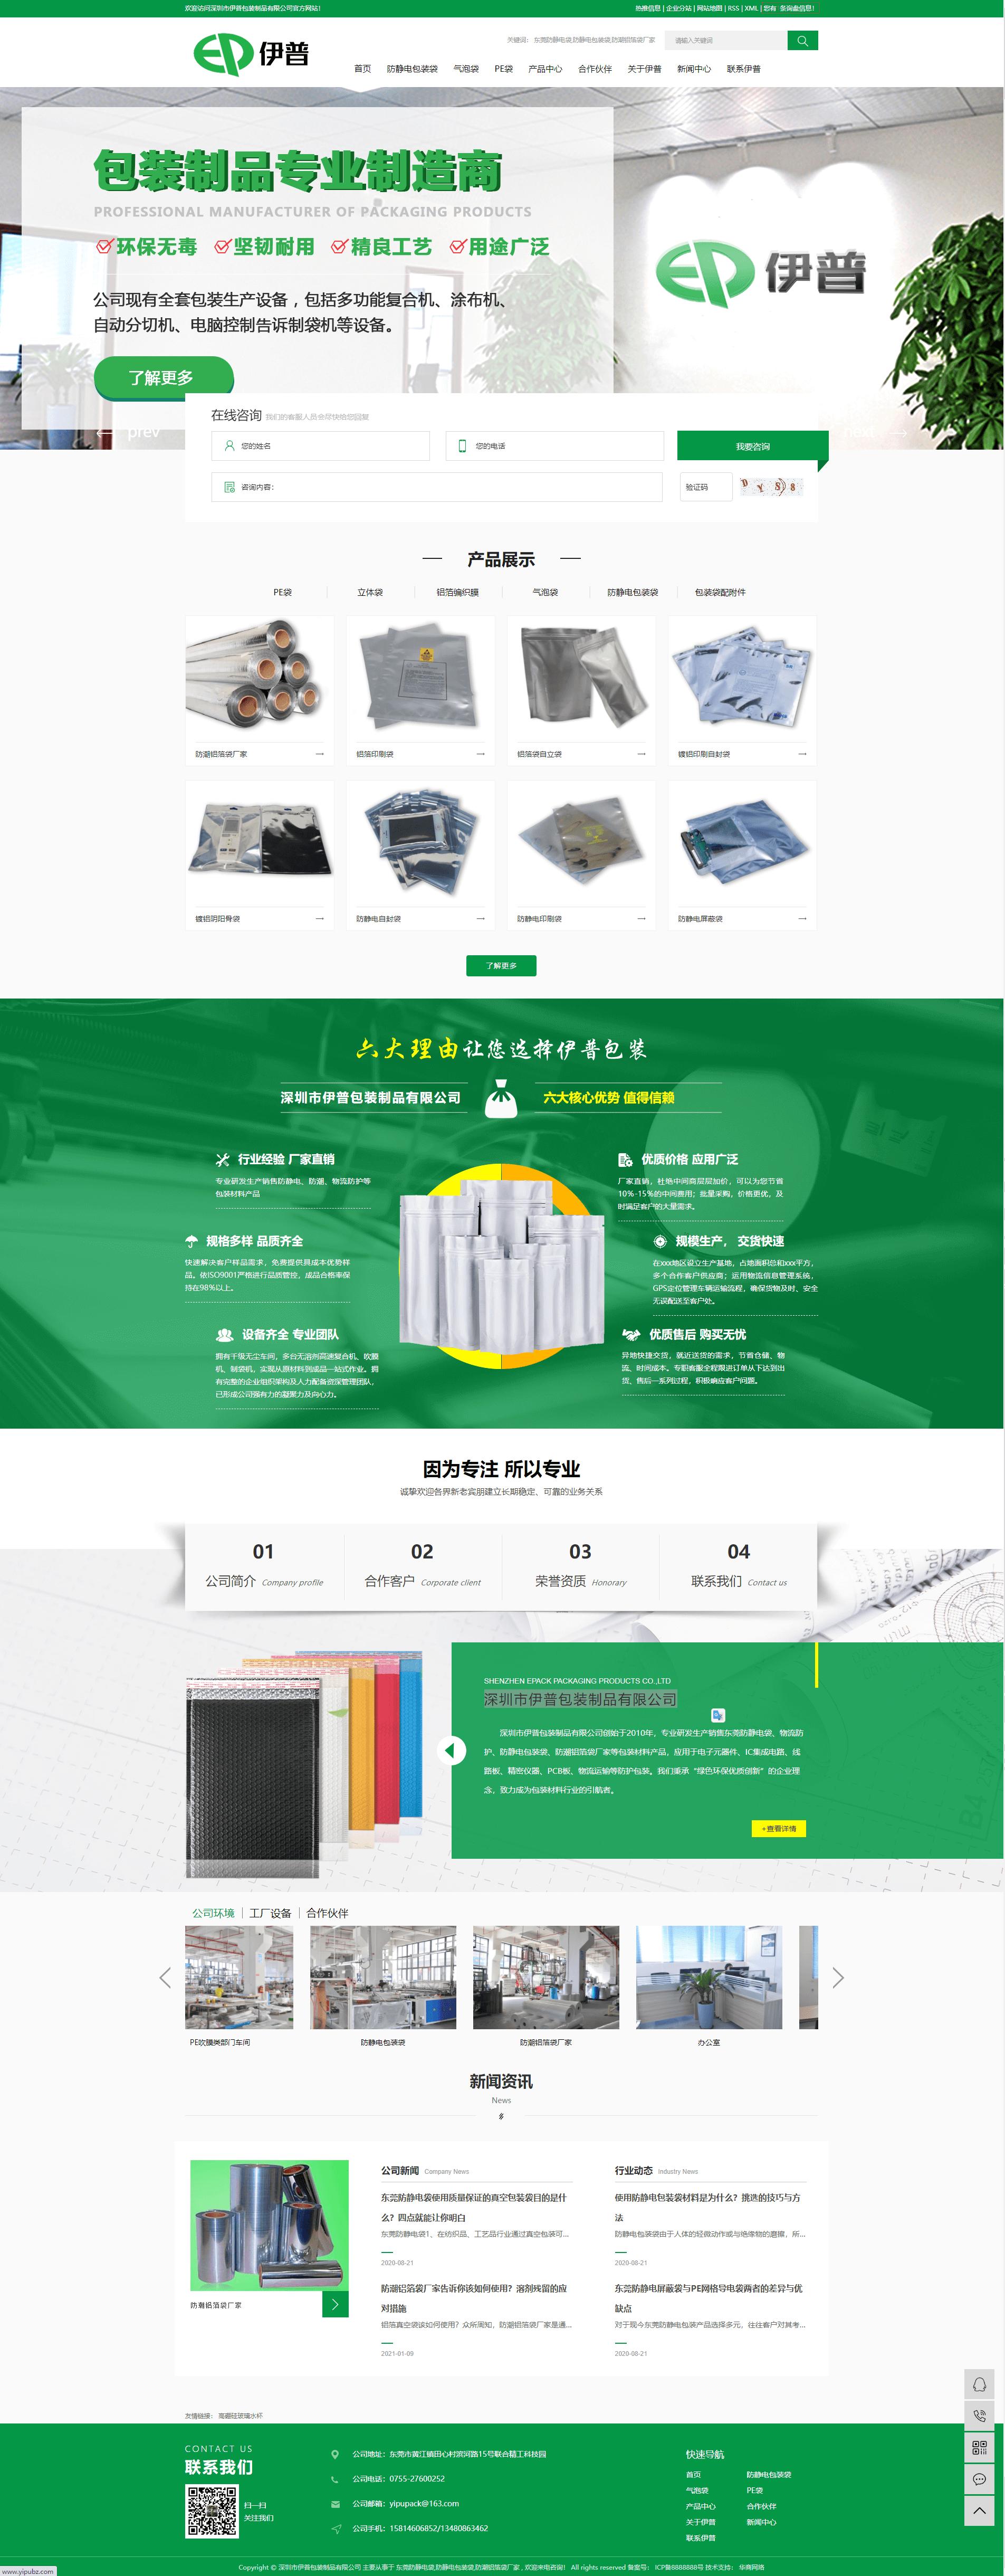 深圳市伊普包装制品有限公司